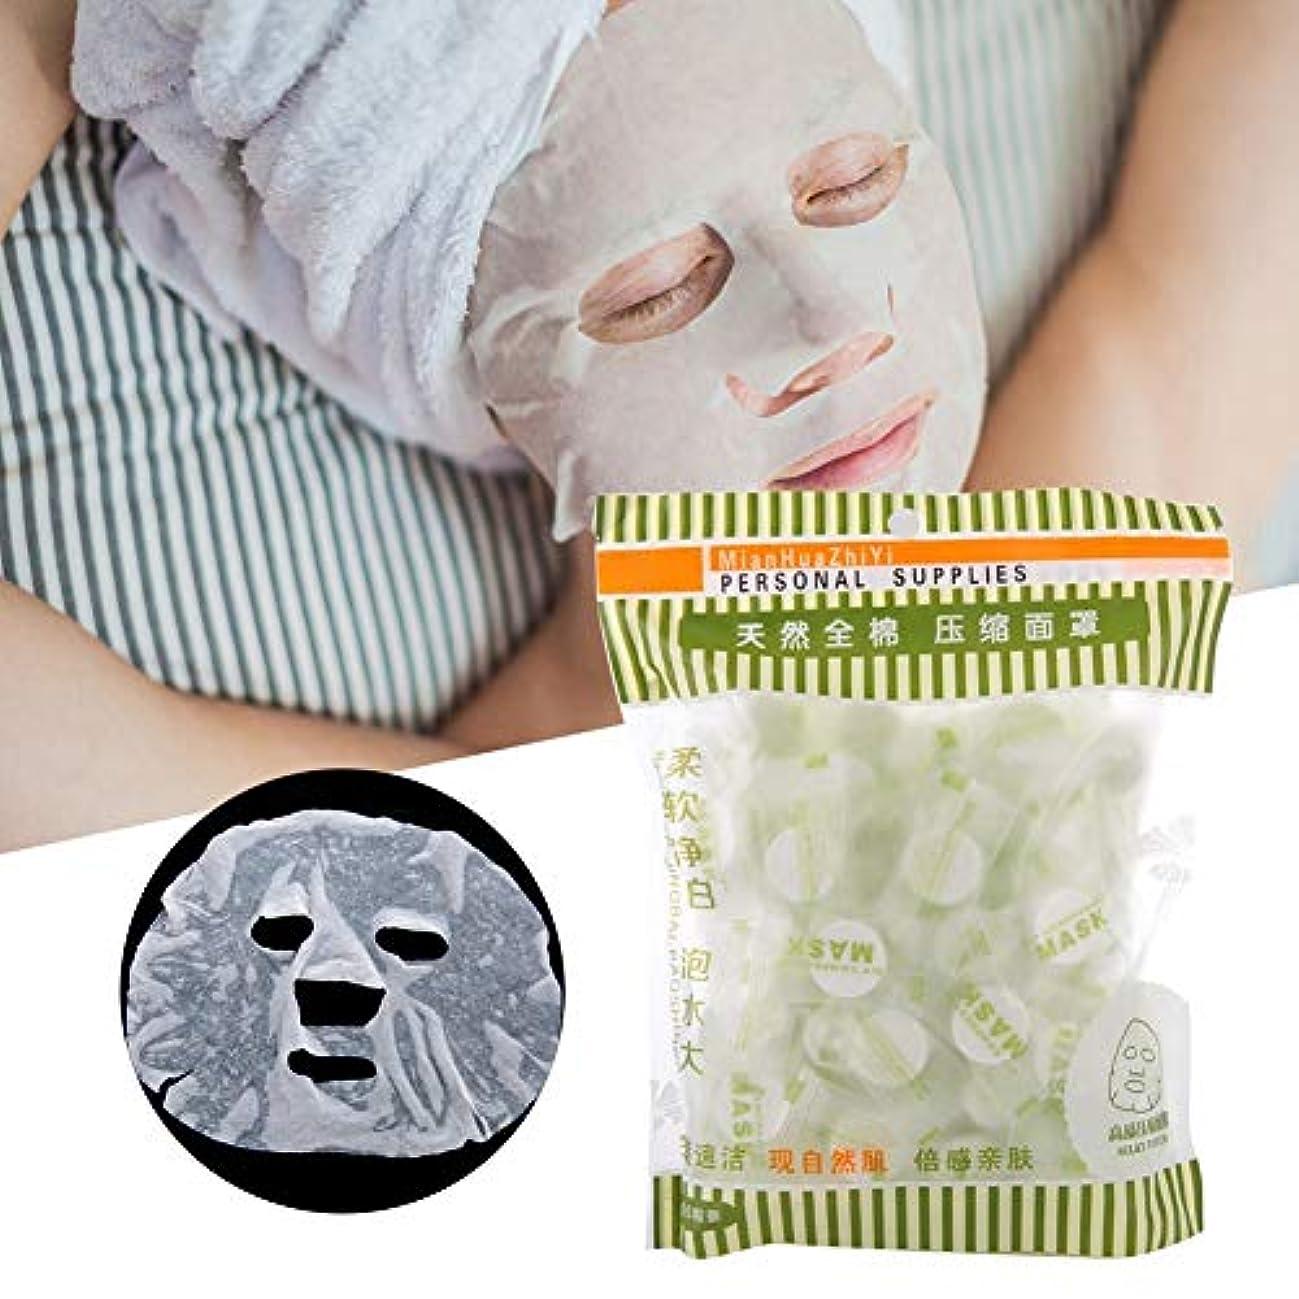 封筒絞るだらしない100ピース/袋使い捨てフェイシャルマスク不織布圧縮、フェイスマスクDIYフェイシャルマスク